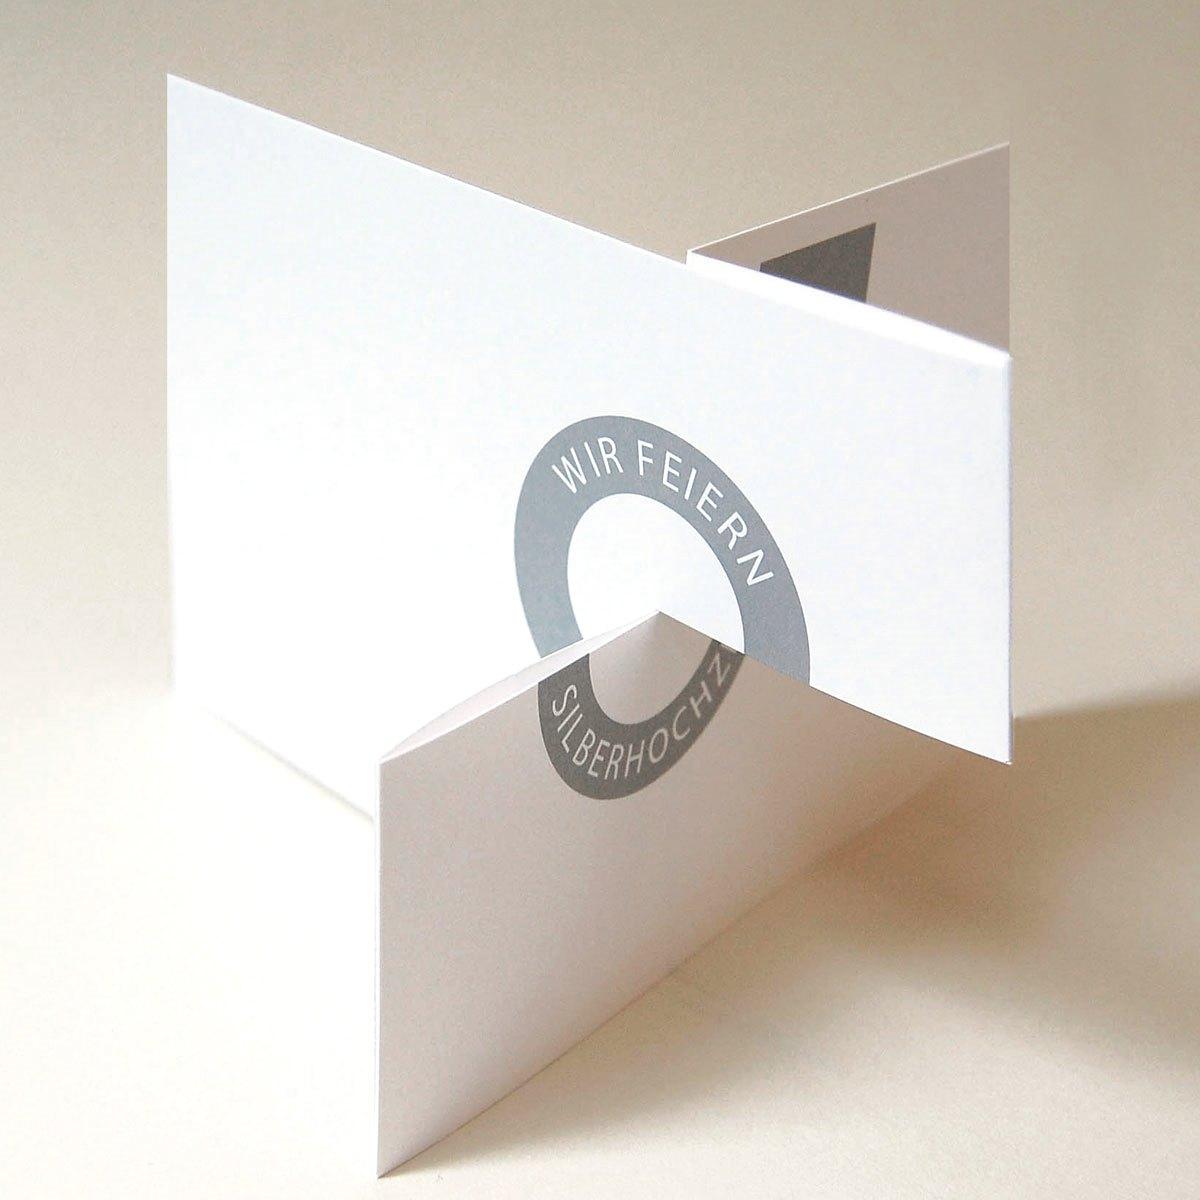 Einladungskarten zur Silberhochzeit von Michael Marschall